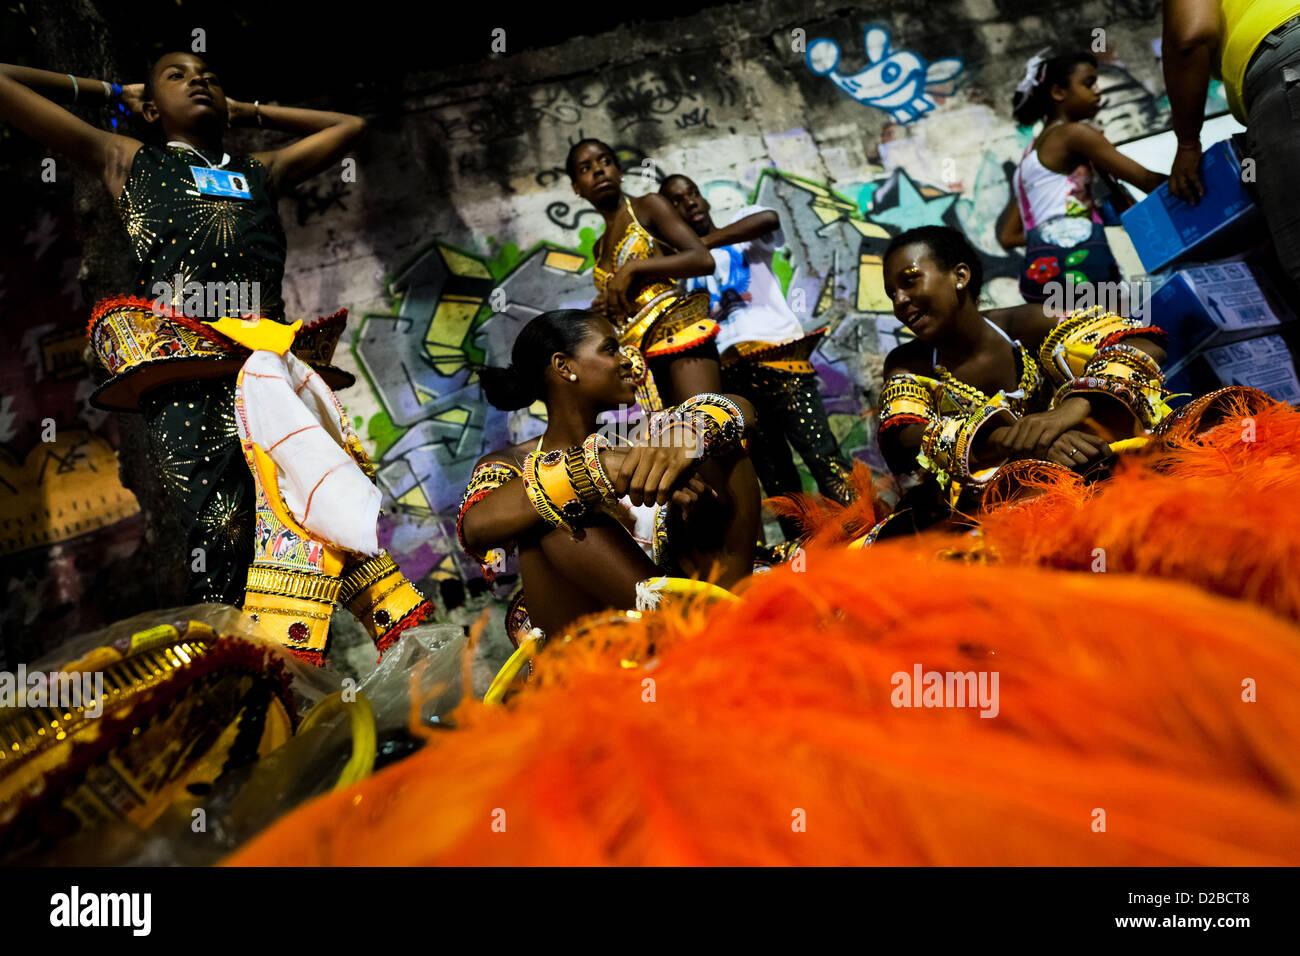 Samba-Schule-Tänzer bereiten ihre Kostüme vor dem Betreten des Karnevalsumzug am Sambadrome in Rio De Janeiro, Brasilien. Stockfoto